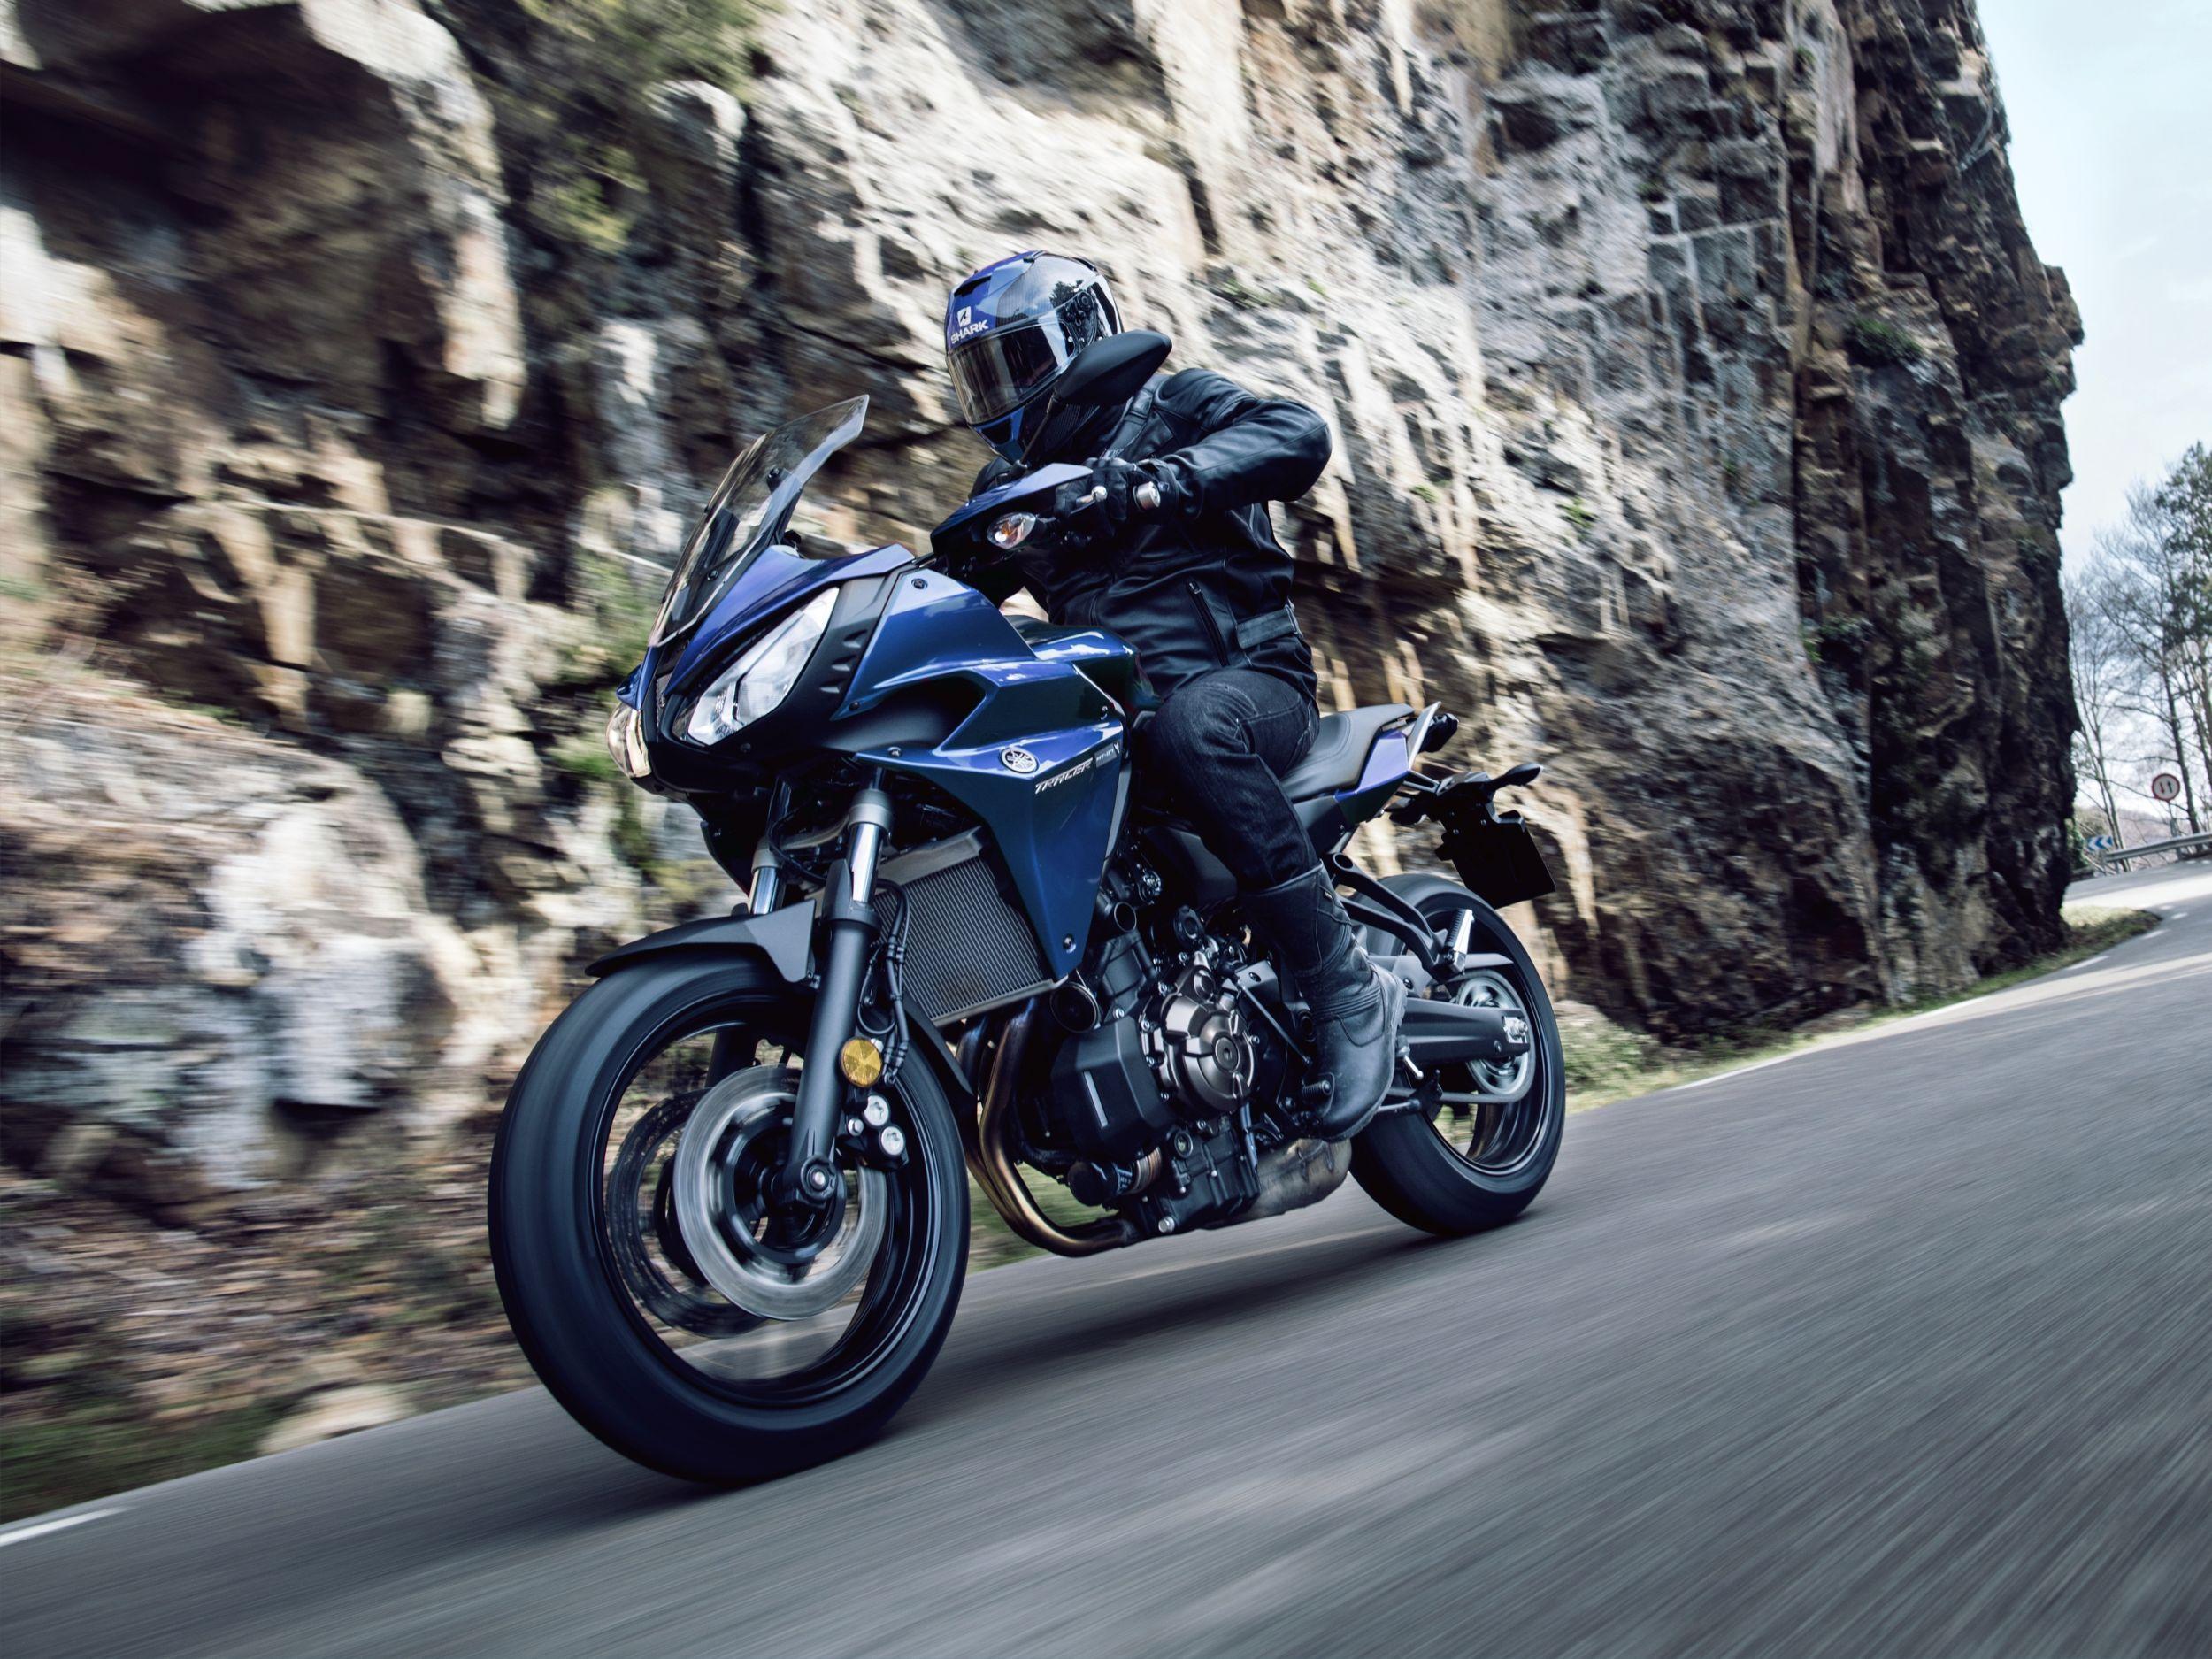 Yamaha Tourer Vs Tourer Review